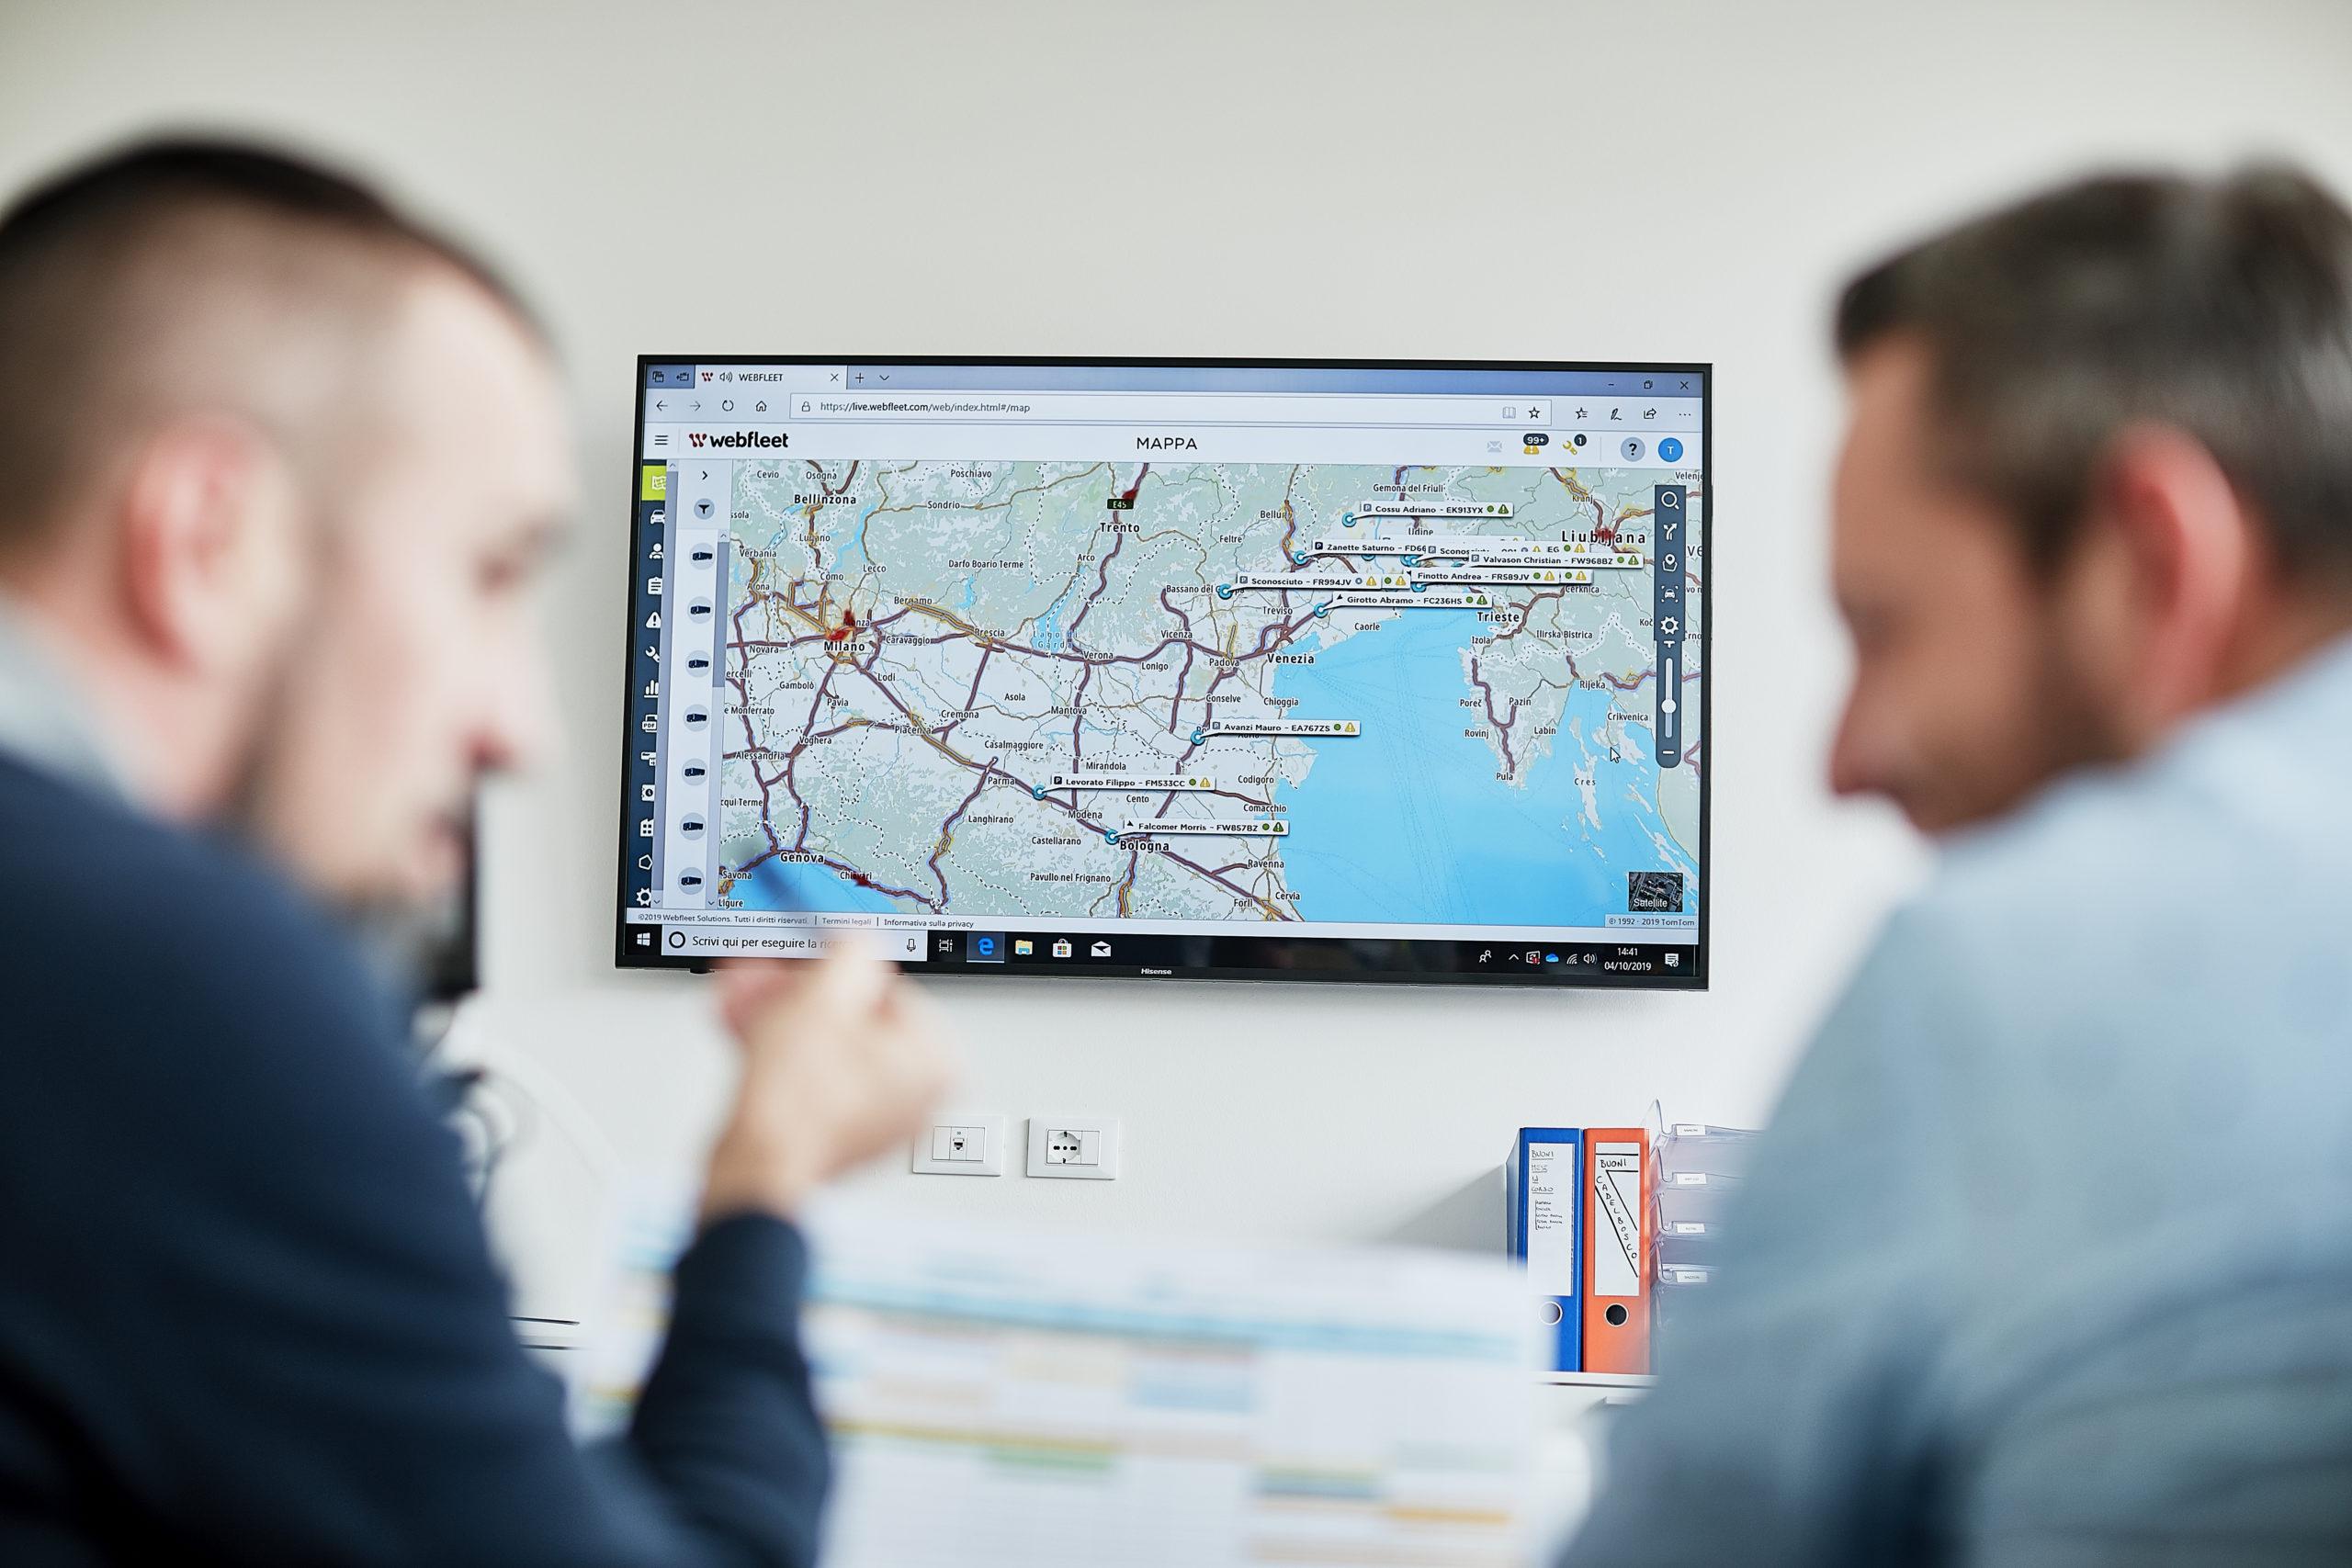 Immagini corporate aziendali interno uffici